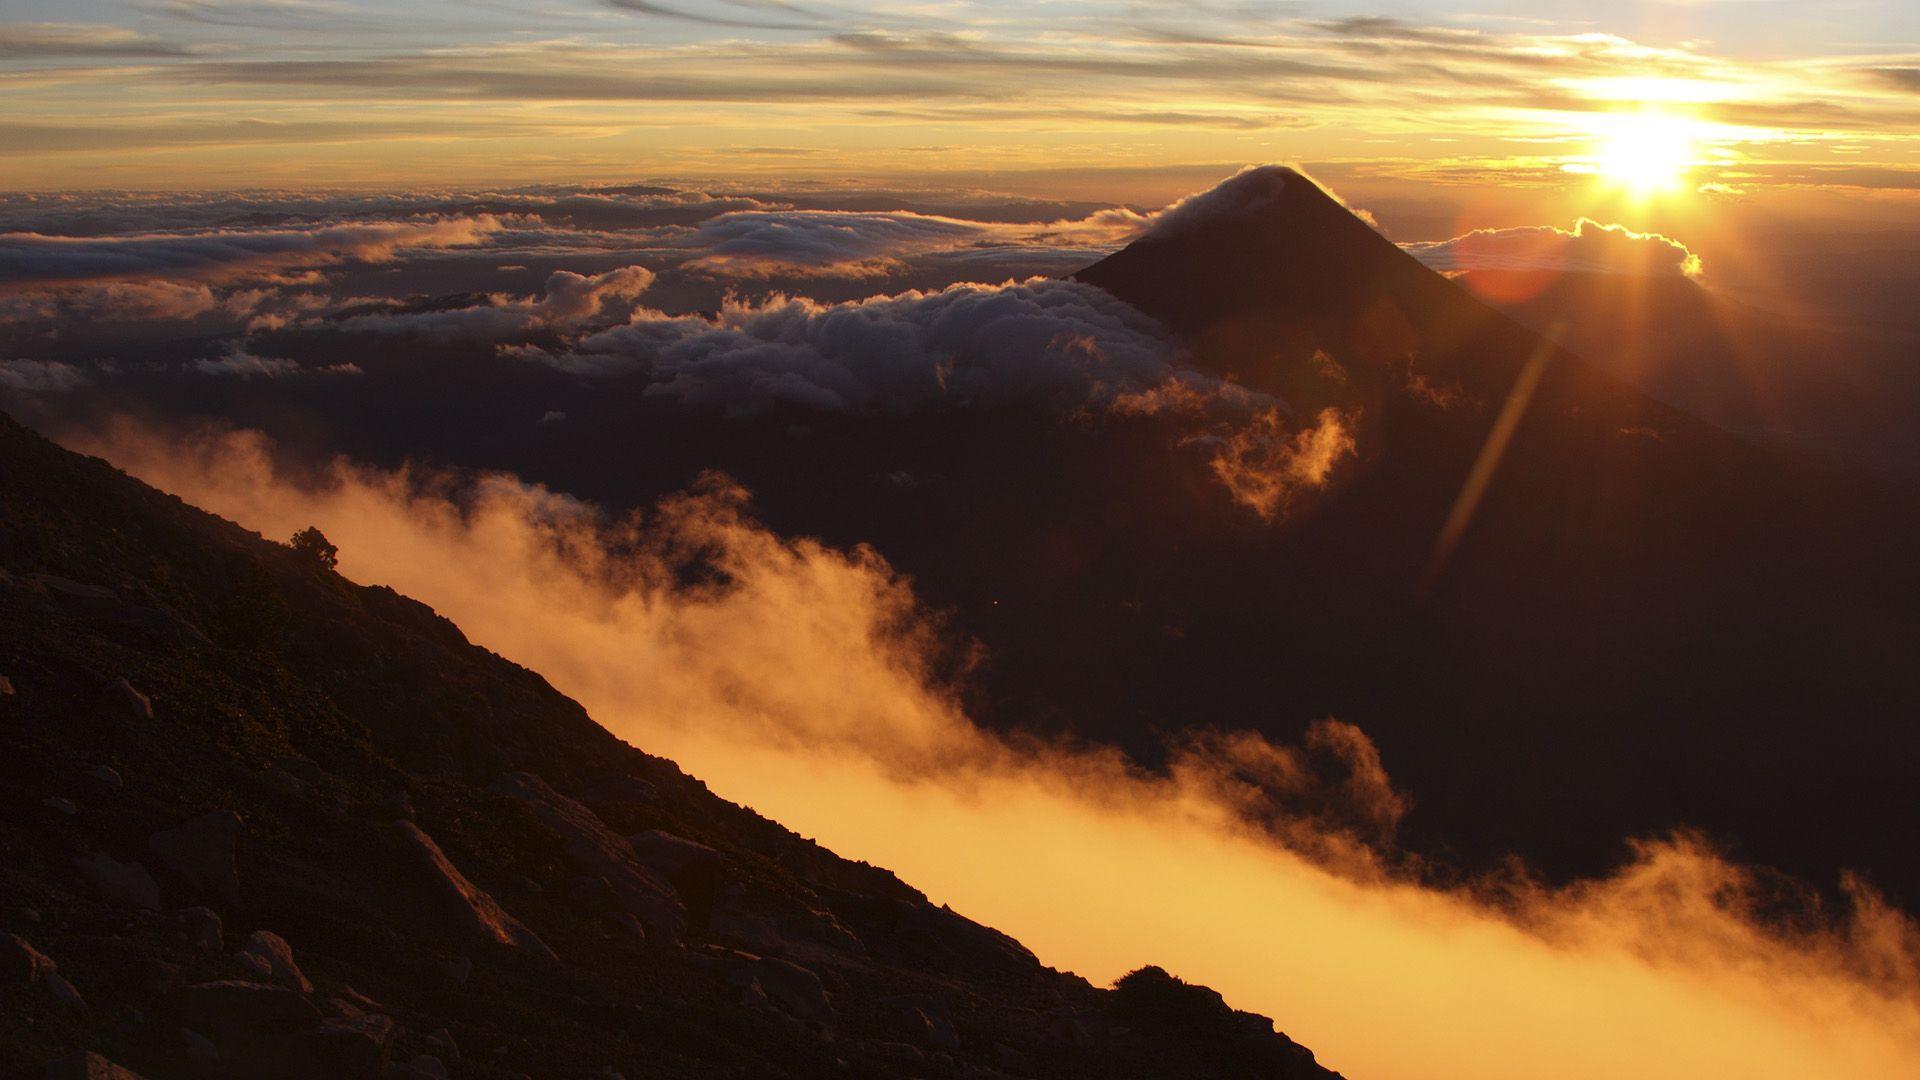 Màn hình rộng 1920x1080 Hình ảnh bầu trời tuyệt đẹp Những nơi tự nhiên tốt nhất Hình ảnh Hq Bật